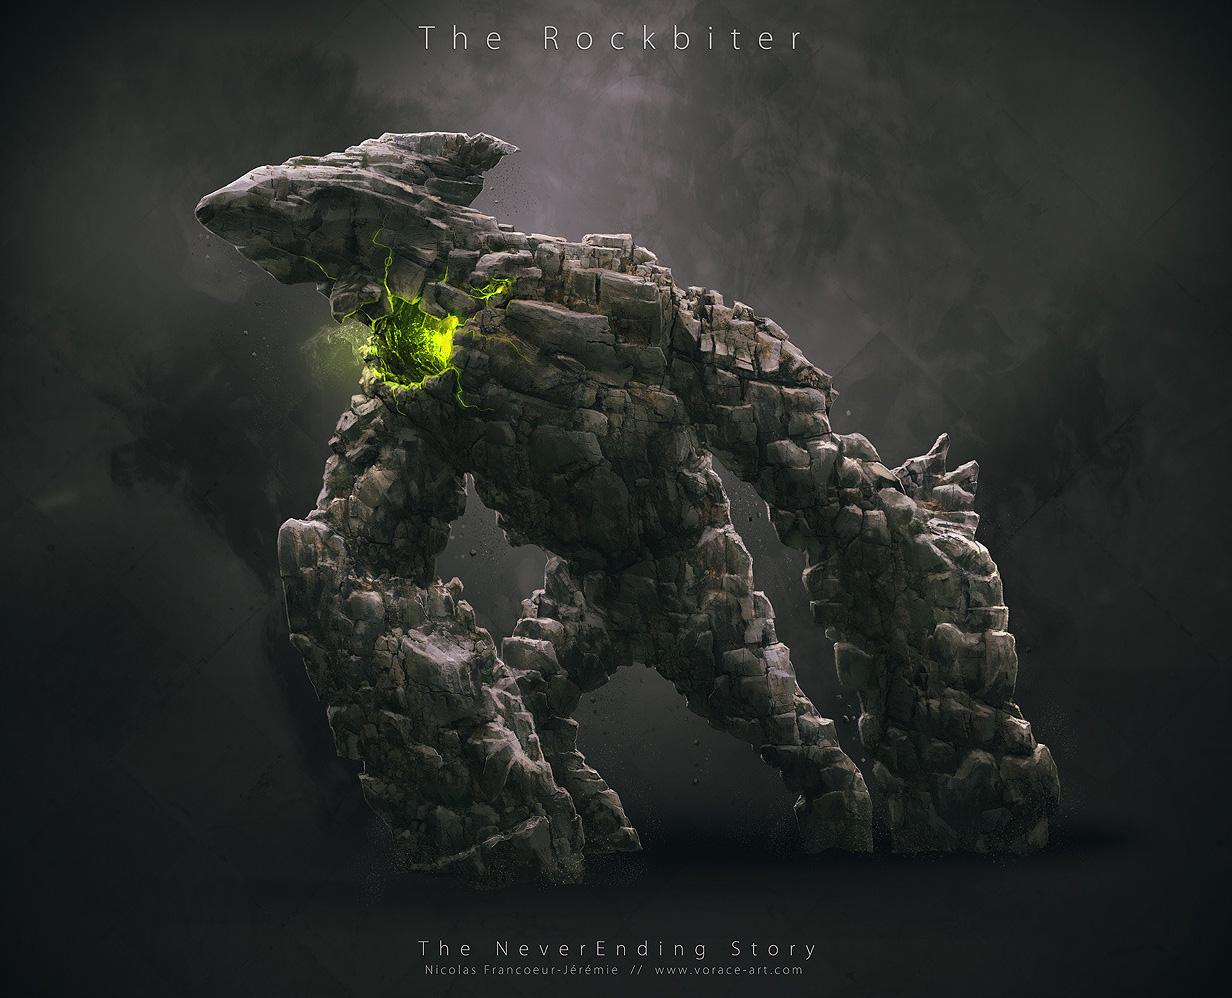 Neverending_Story_Concept_Art_Redesign_The_Rockbiter